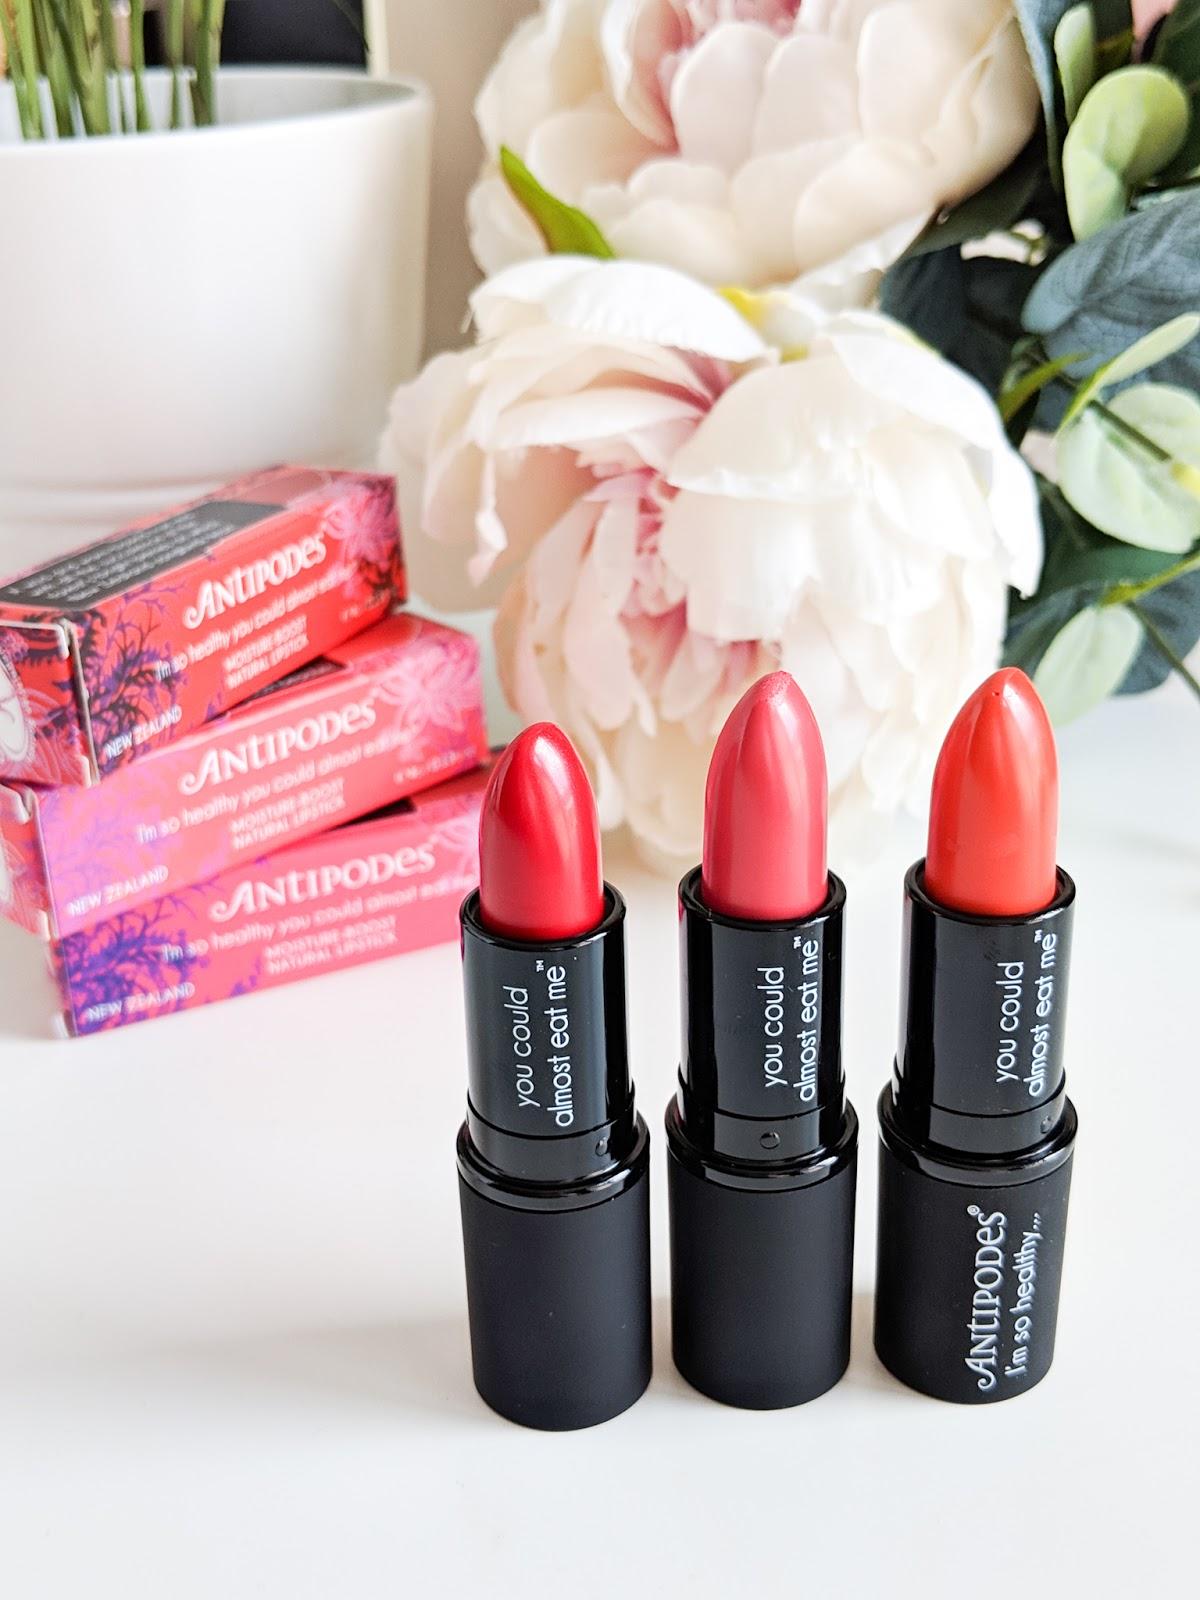 Antipodes-moisture-boost-natural-lipsticks